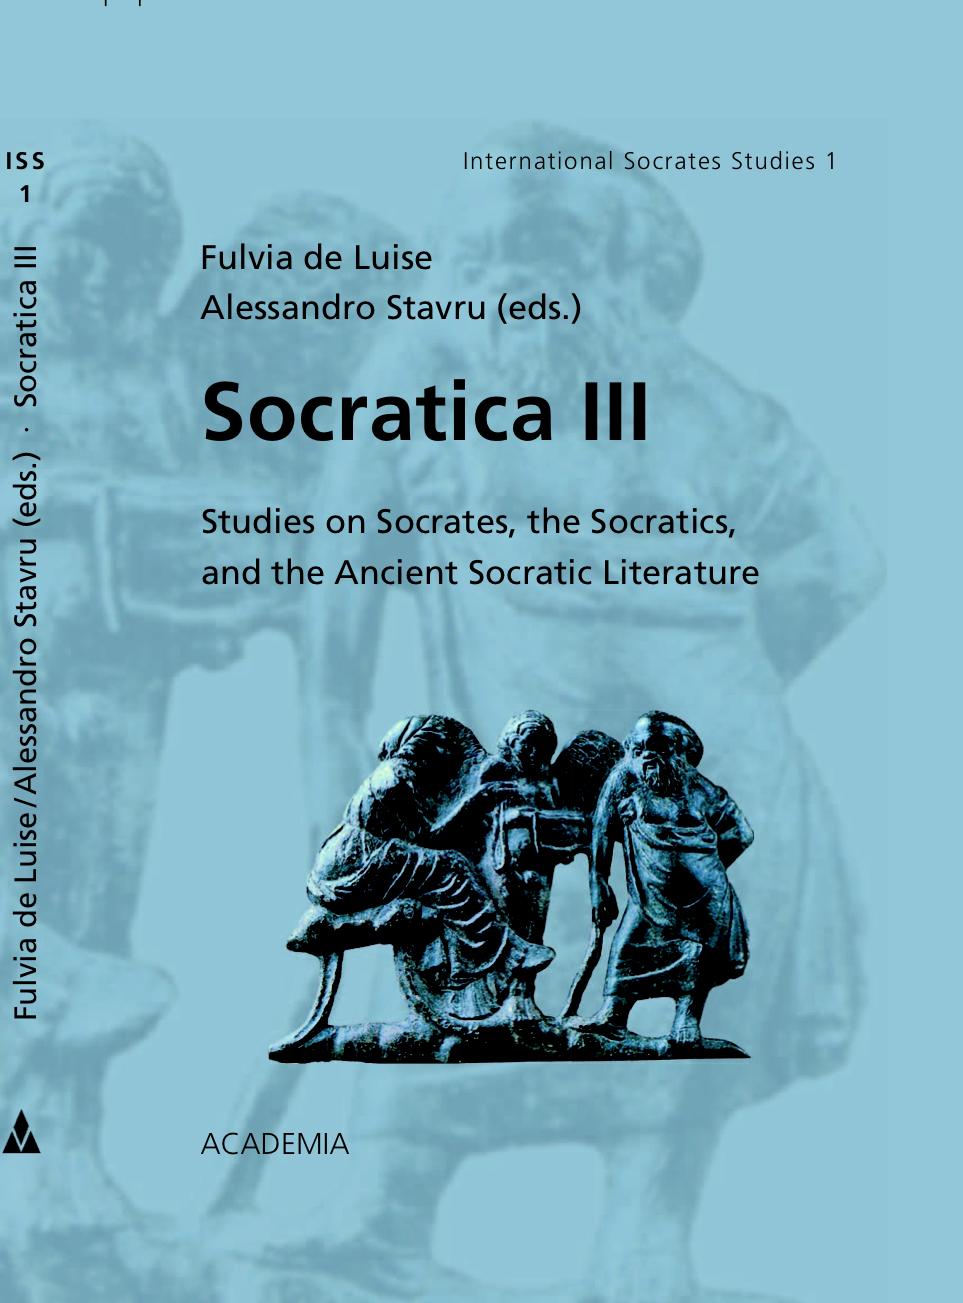 Socratica III